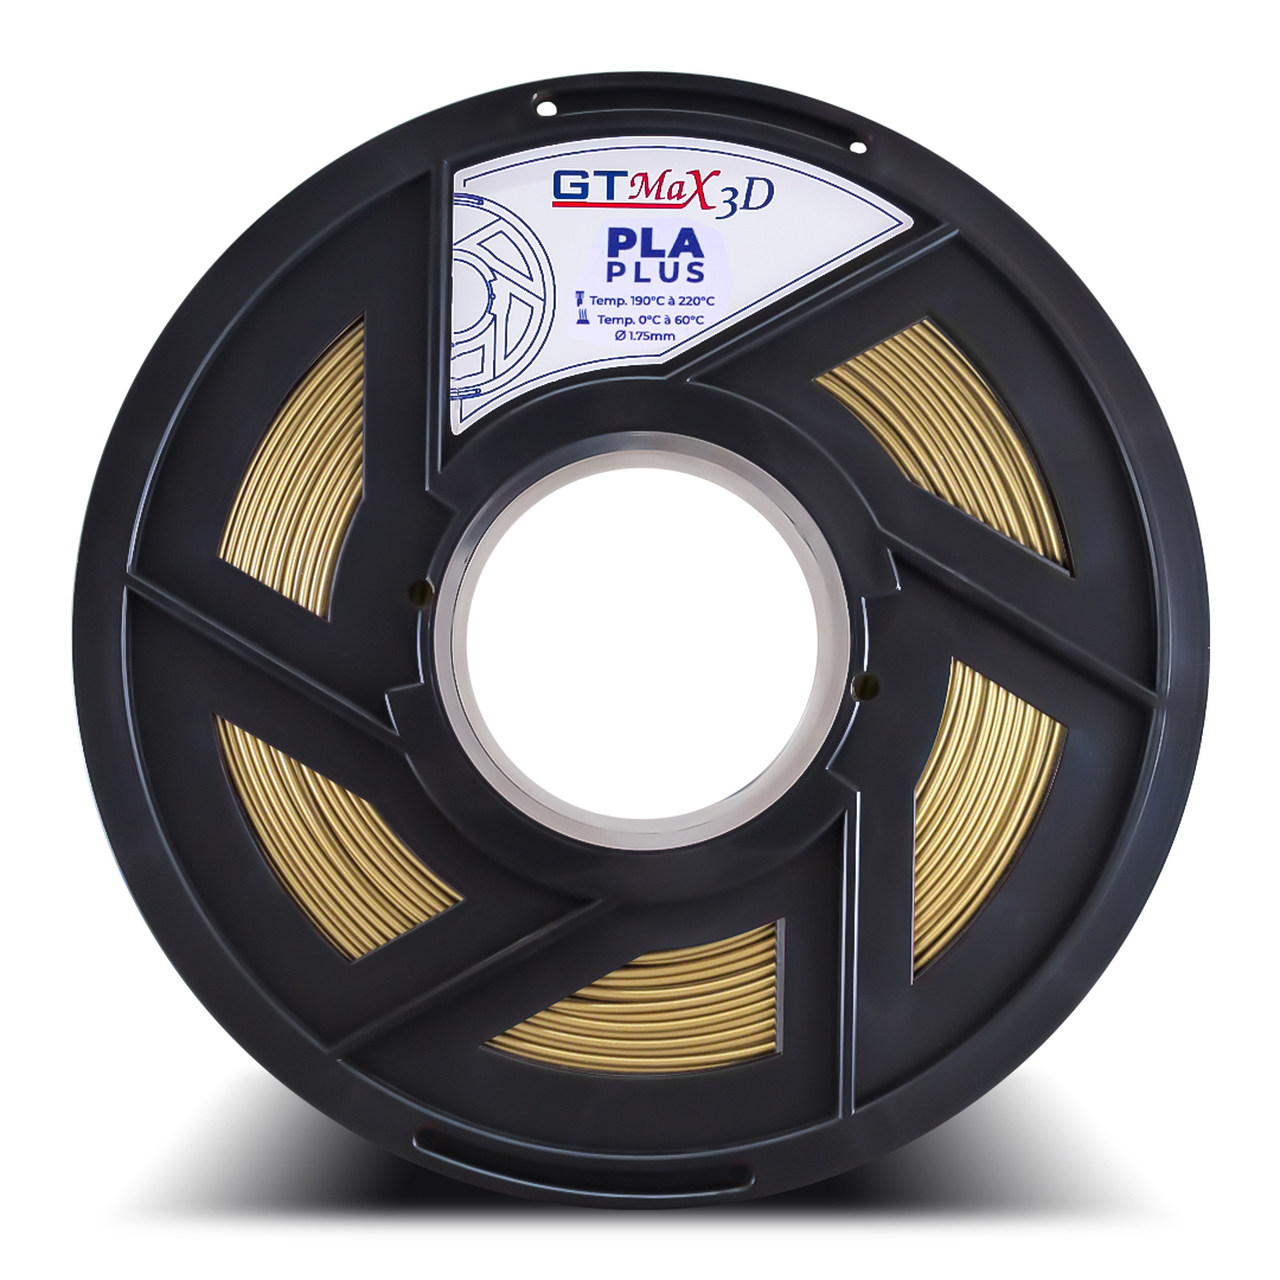 Filamento PLA Plus - Ouro - GTMax 3D - 1.75mm - 1KG